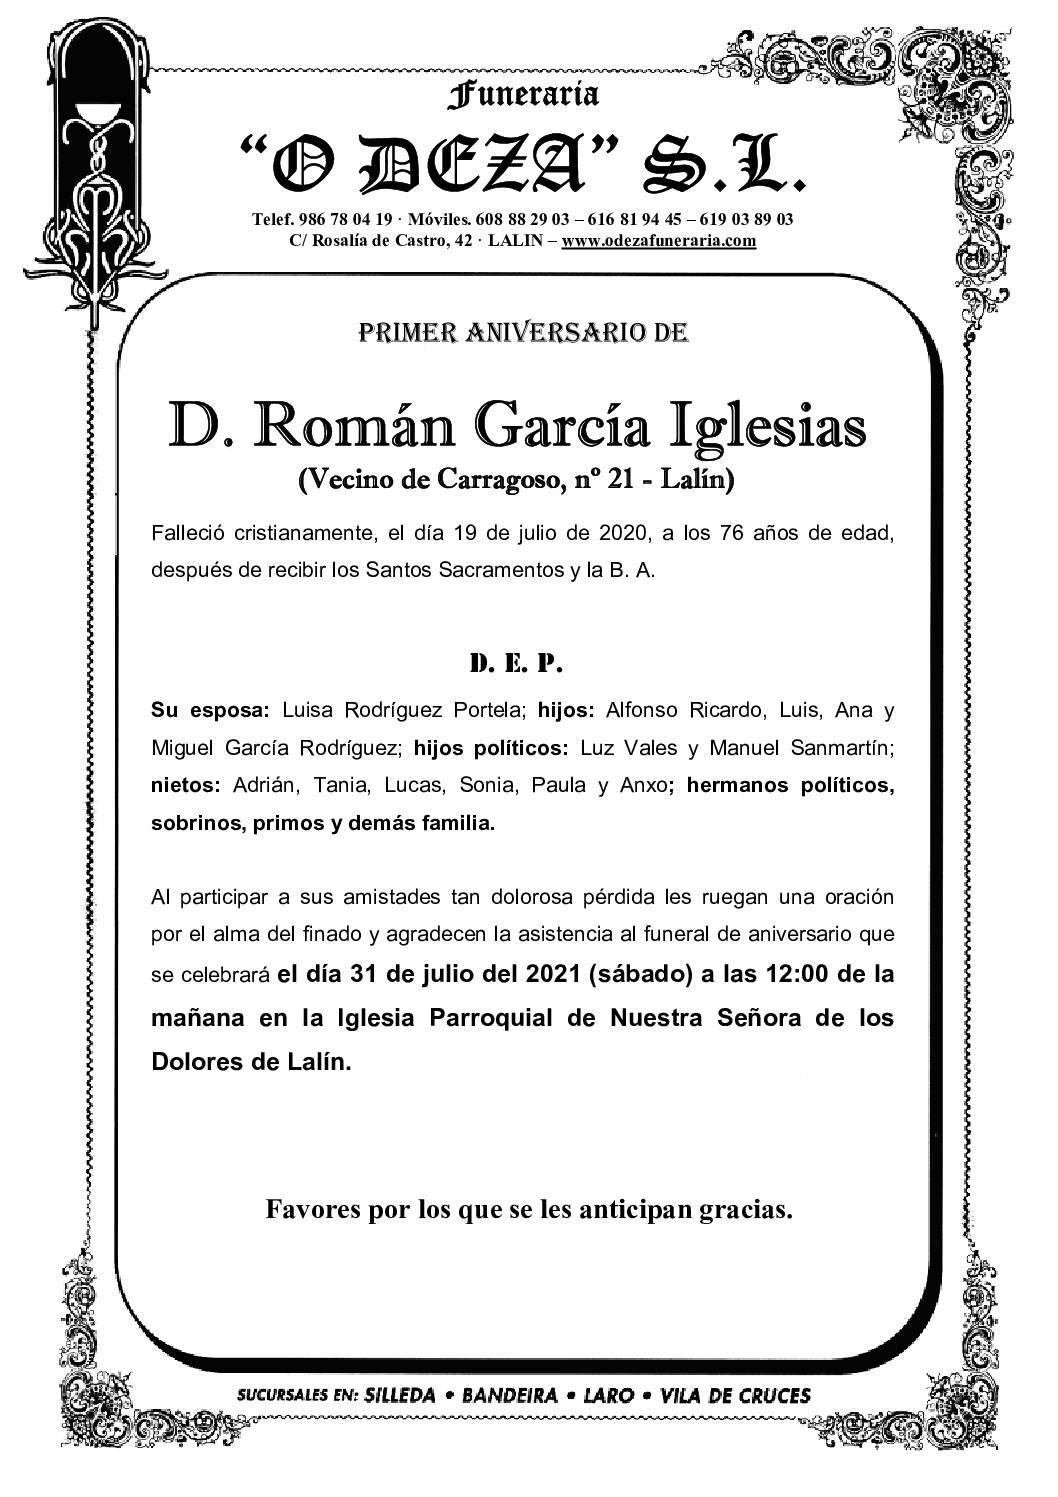 D. ROMÁN GARCÍA IGLESIAS